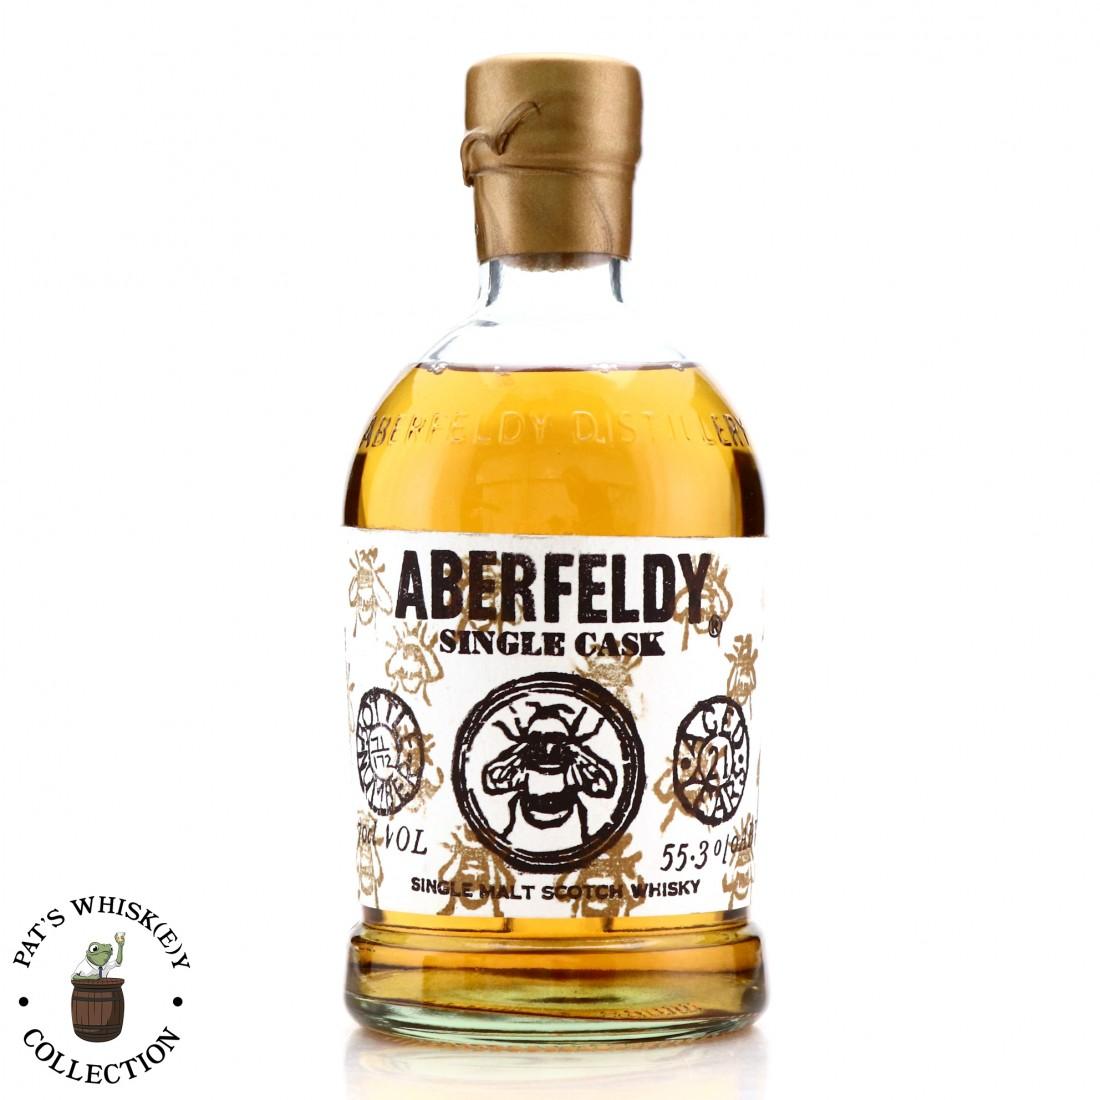 Aberfeldy 21 Year Old Single Cask / Aberfeldy Festival 2012